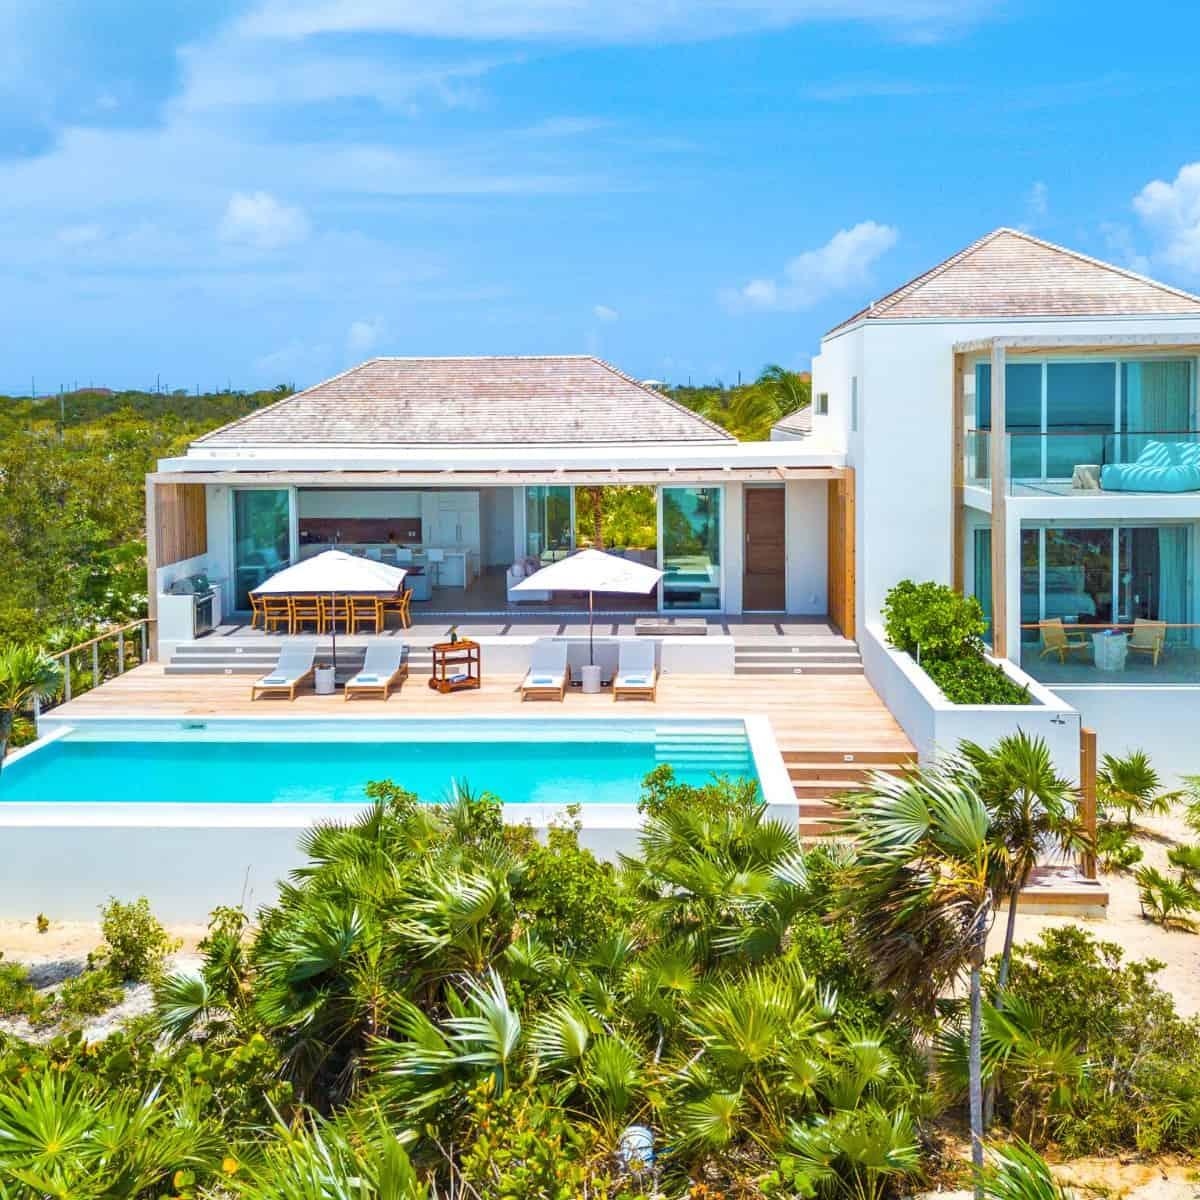 Beach Enclave Long Bay Villa 2 - 5 BR | Turks and Caicos Villas